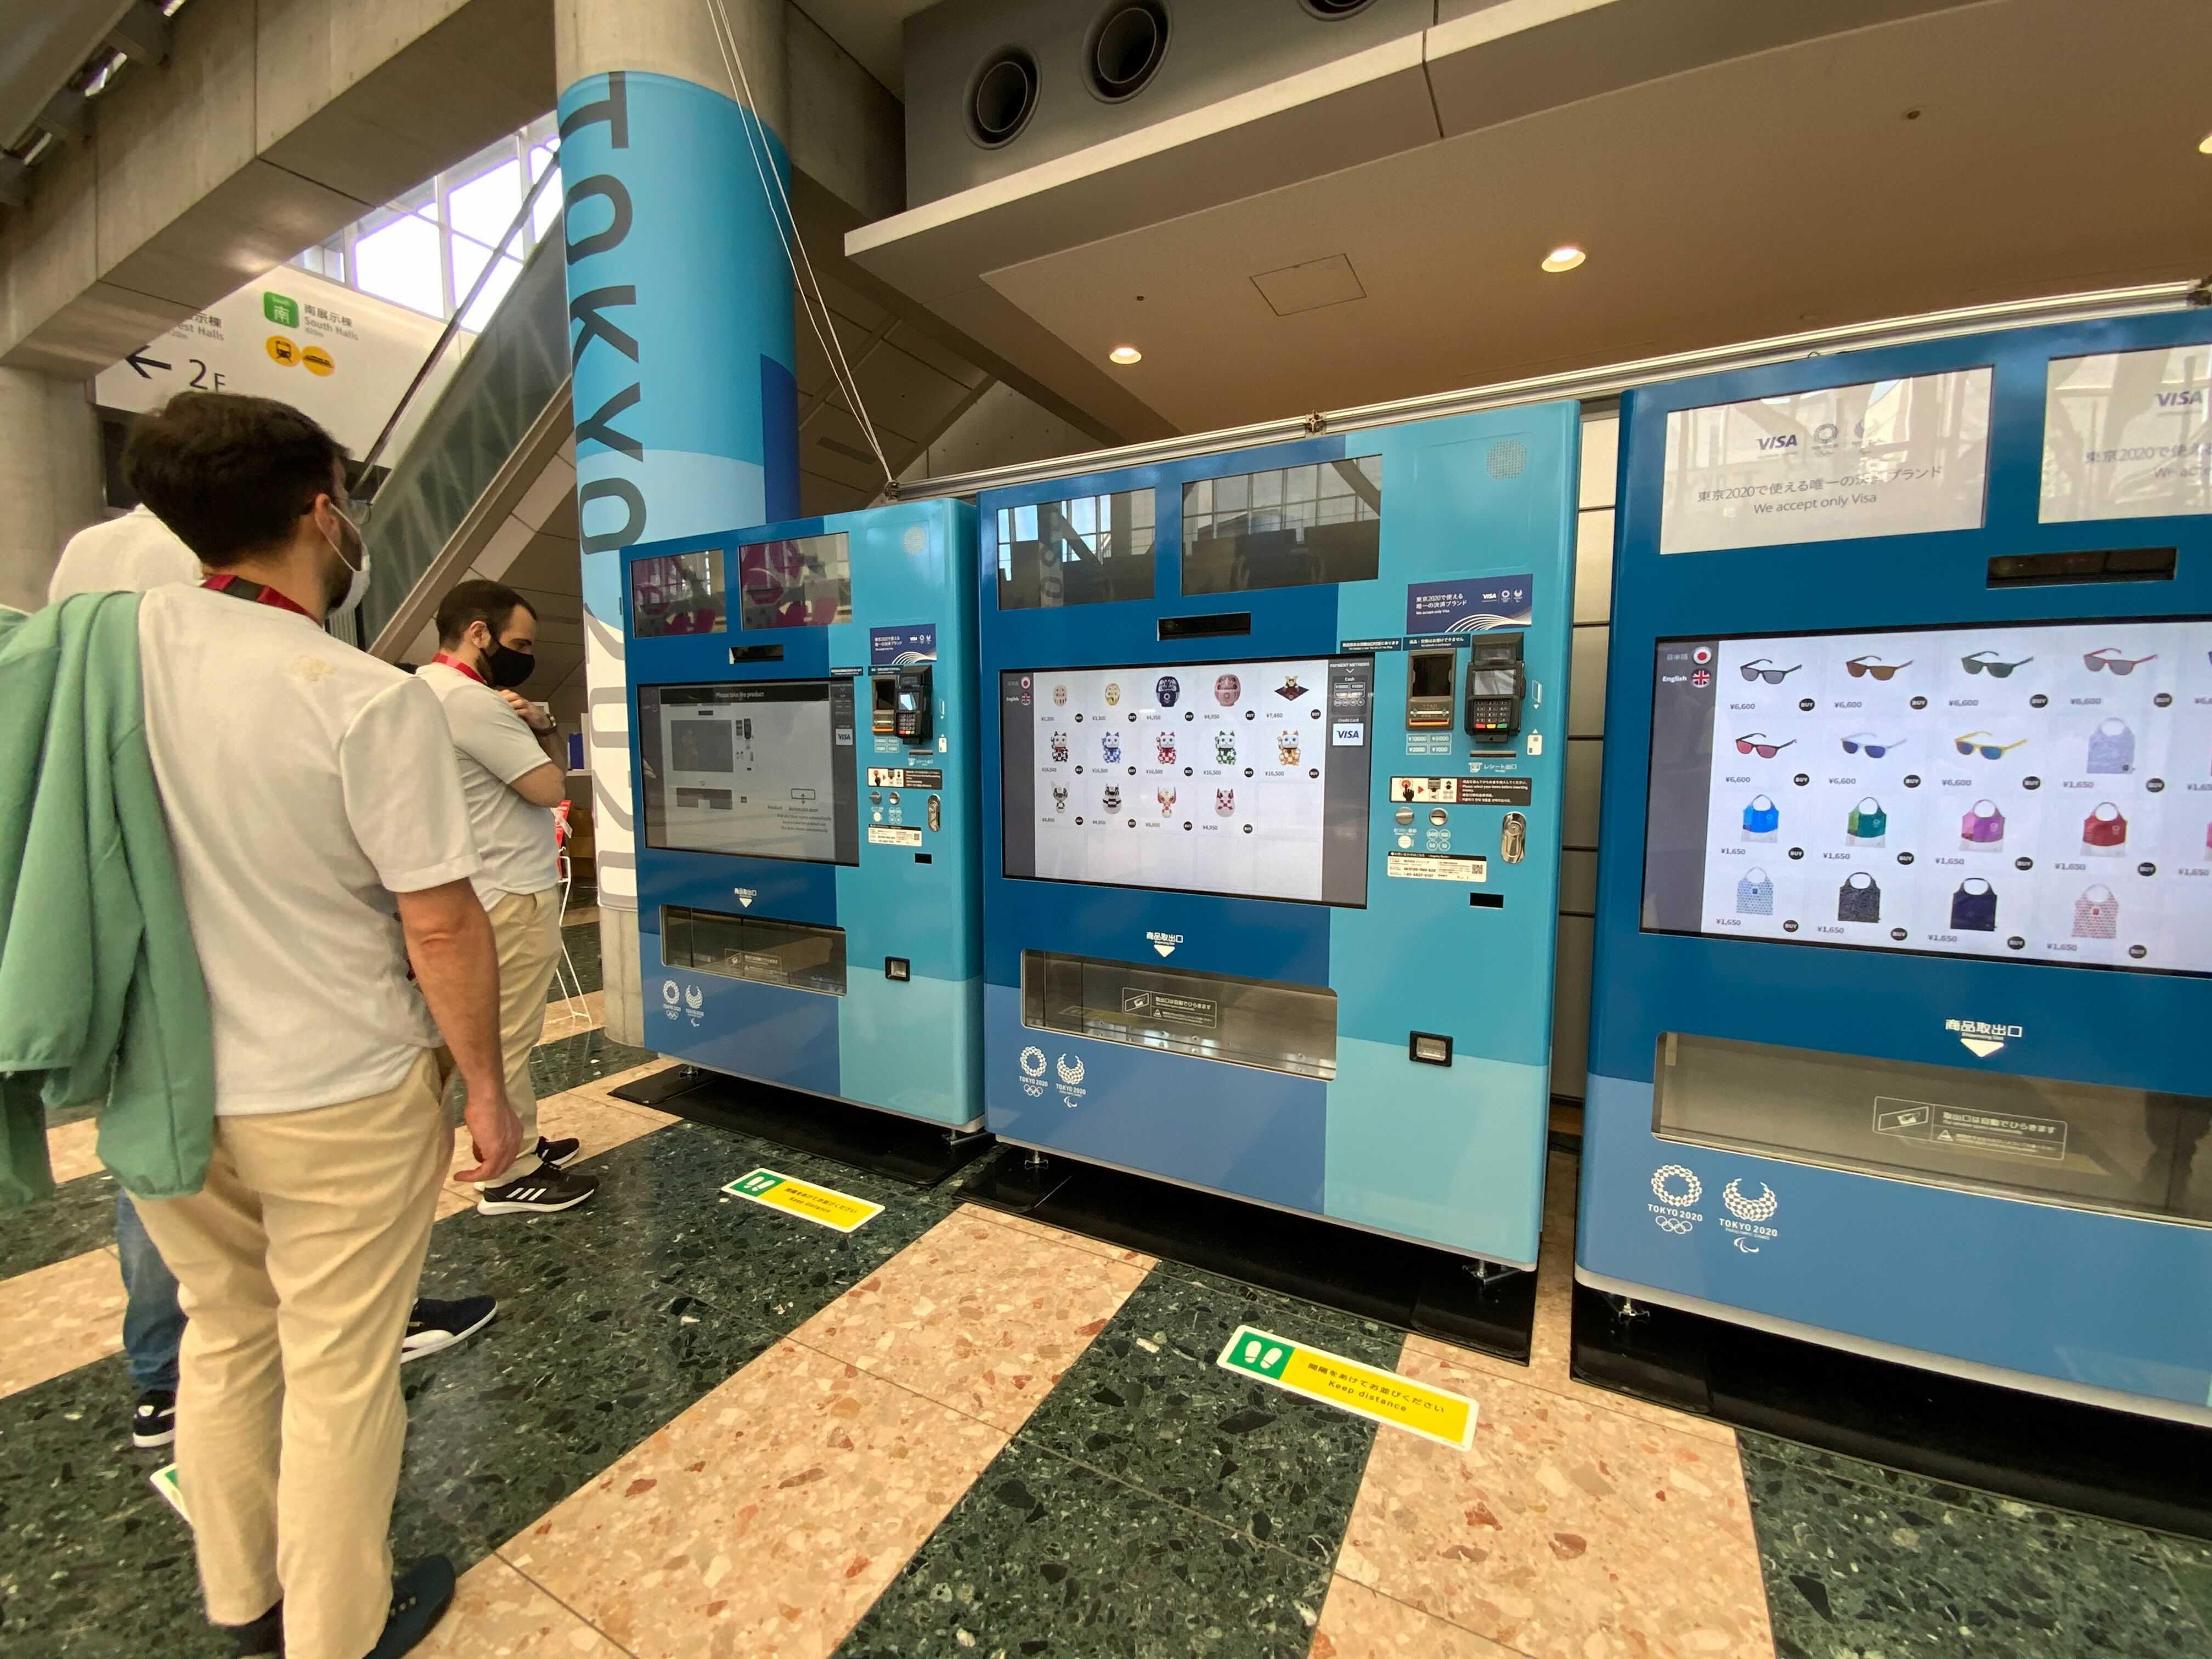 お店の外に並ぶ巨大な「お土産」自動販売機。